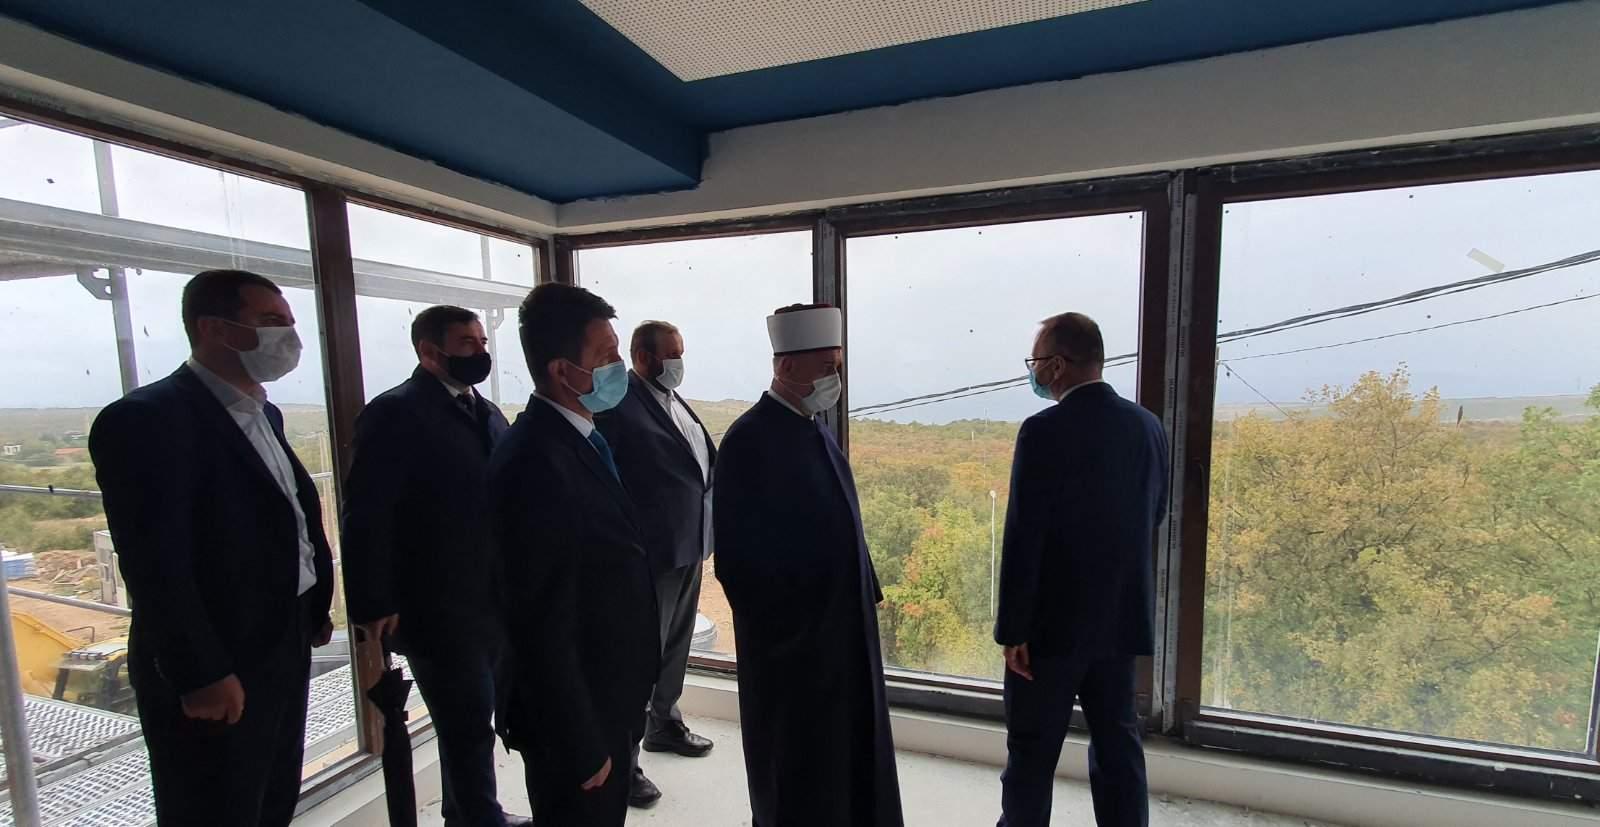 viber_slika_2020-10-25_10-40-13.jpg - Tokom posjete prvom Centru za stare osobe IZ-e u BiH reisu-l-ulema Kavazović uputio punu podršku MIZ Mostar